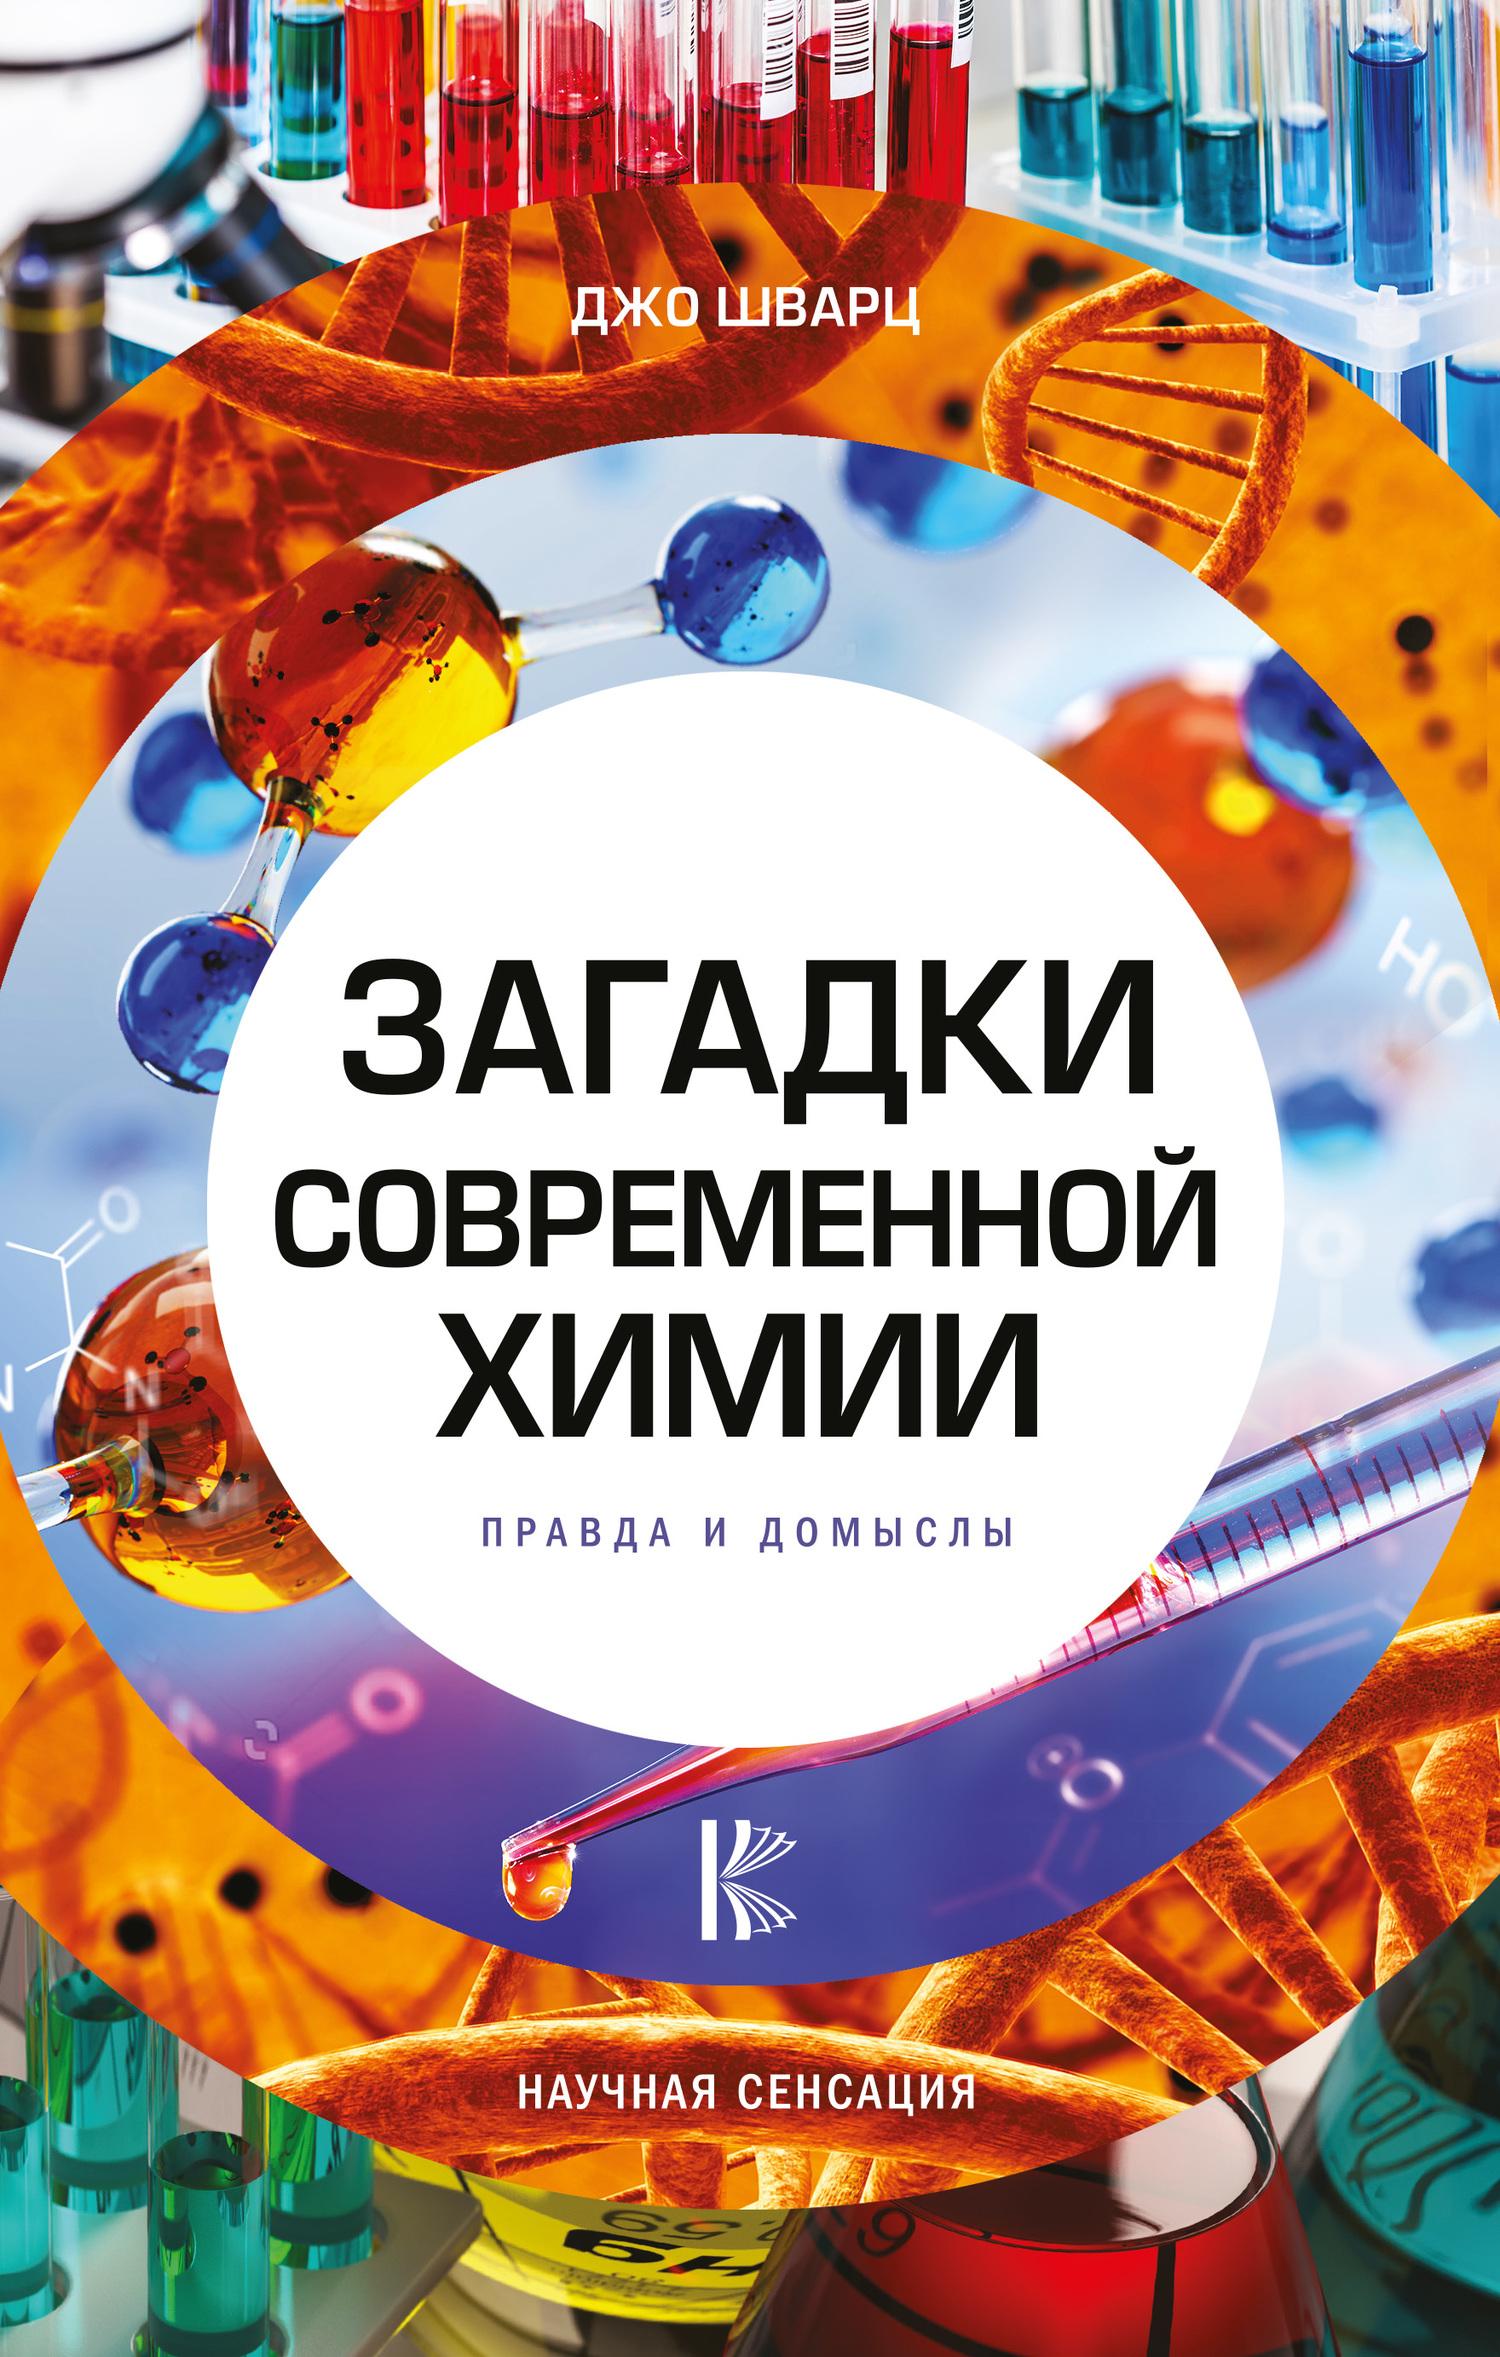 Книга  Загадки современной химии. Правда и домыслы adbb37f96cd